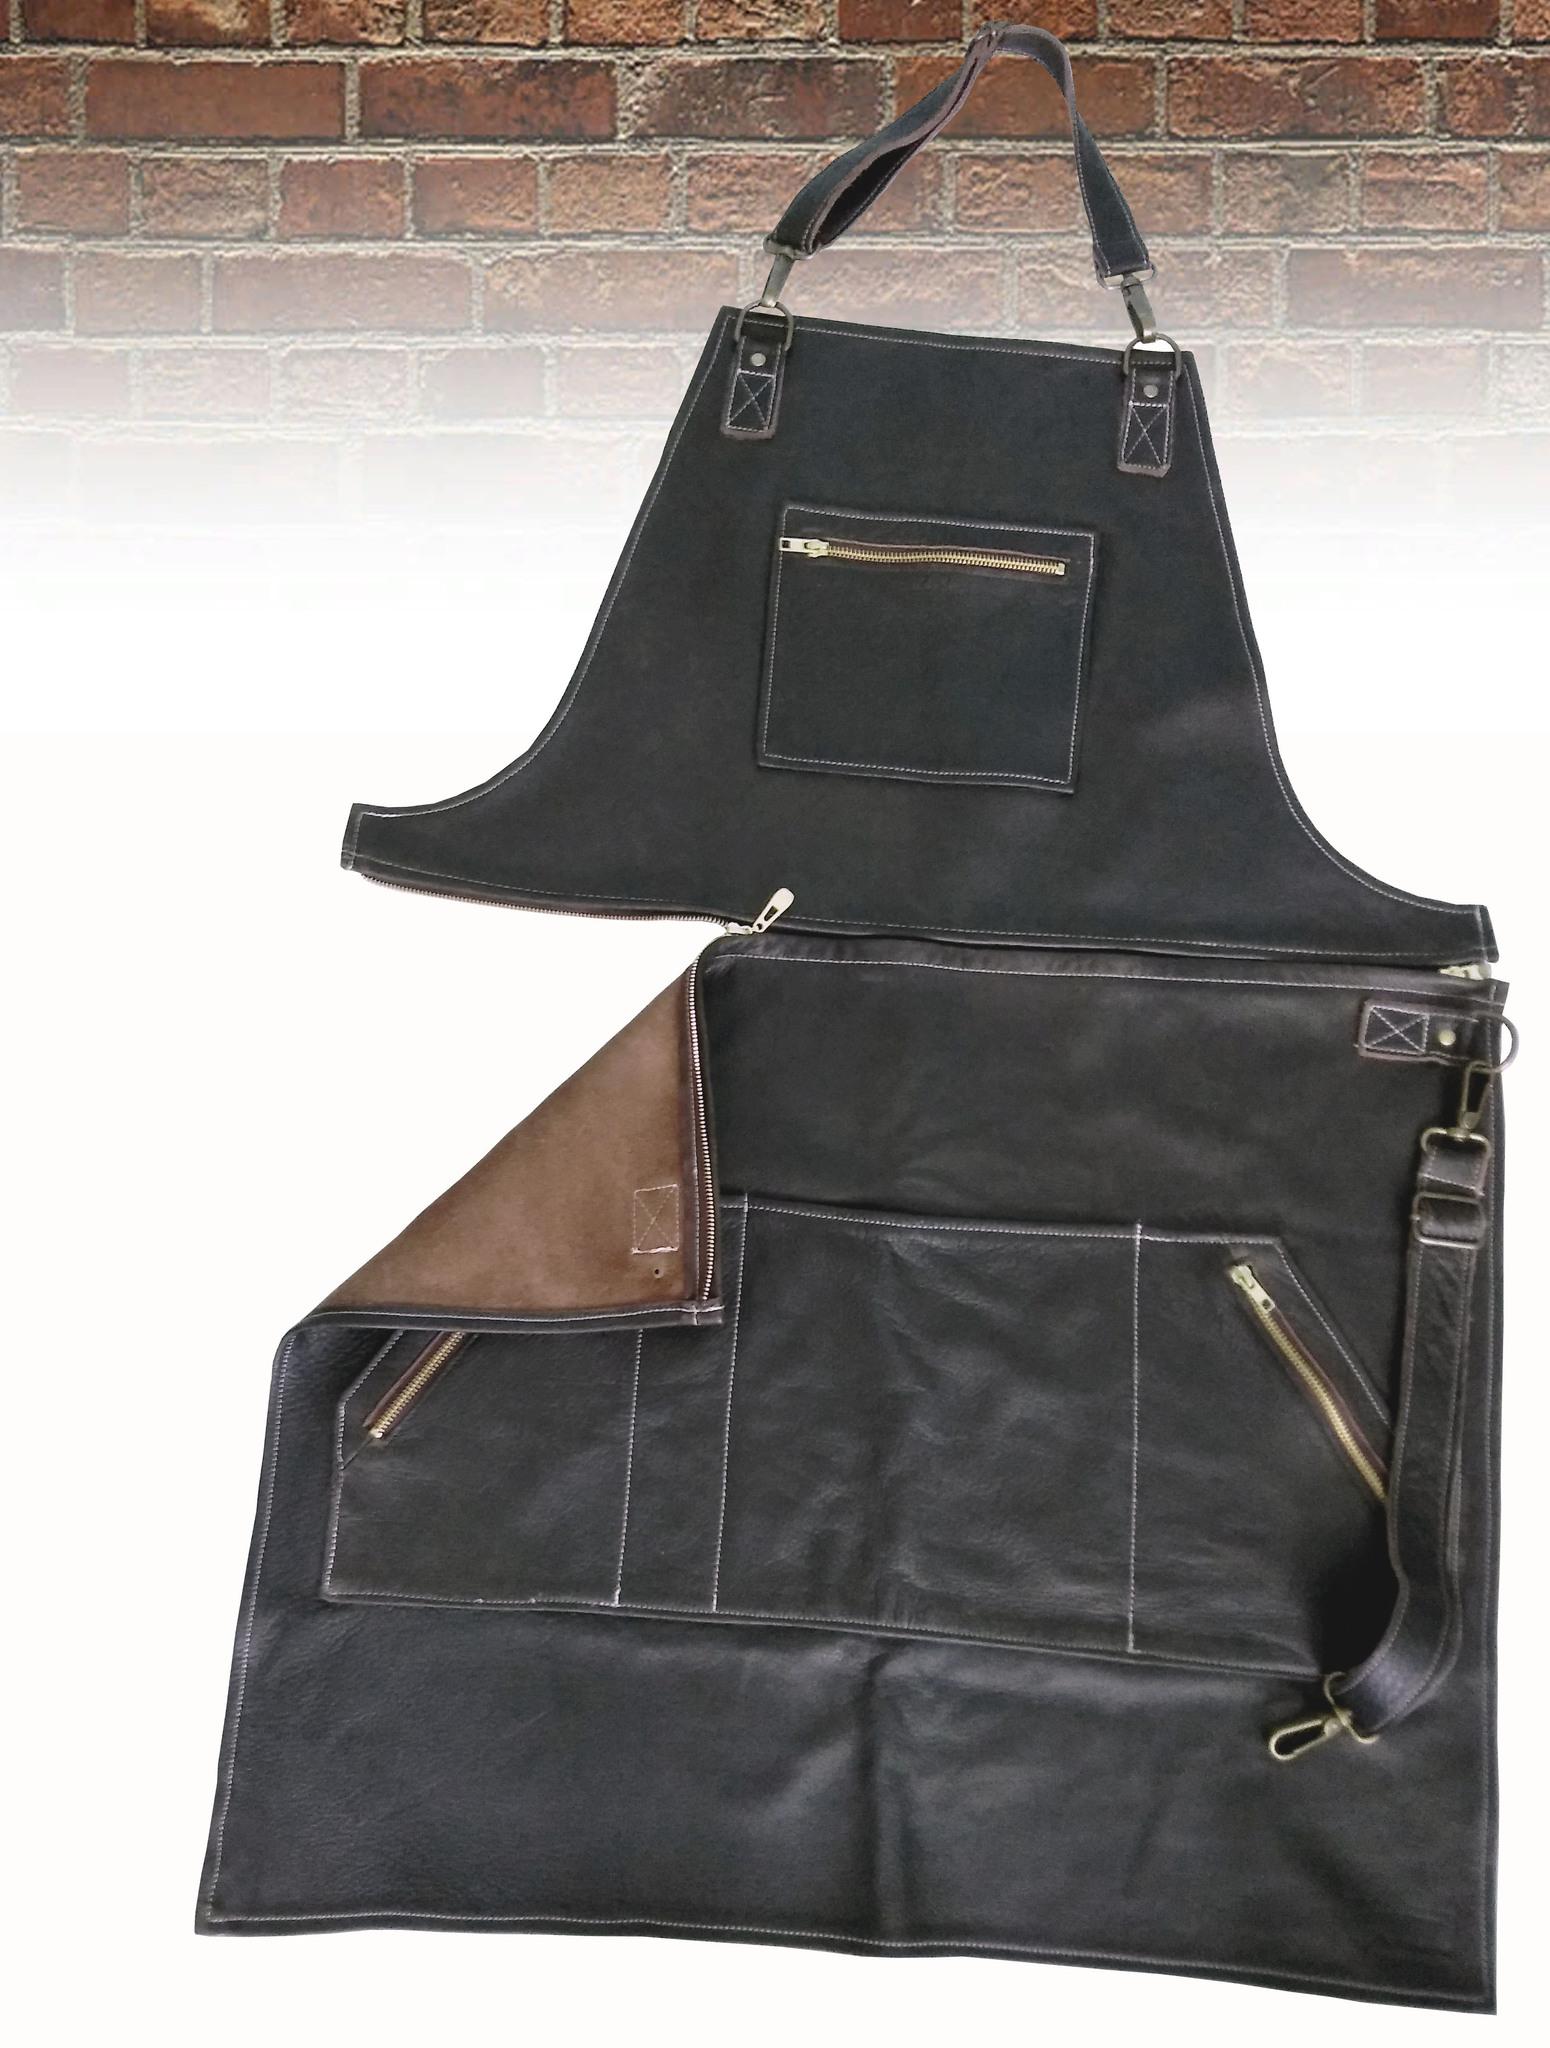 Мужской брутальный кожаный фартук тёмно-коричневый ручной работы с отстёгивающимся верхом, с регулирующимся ремнём BL17118 из импортной натуральной кожи